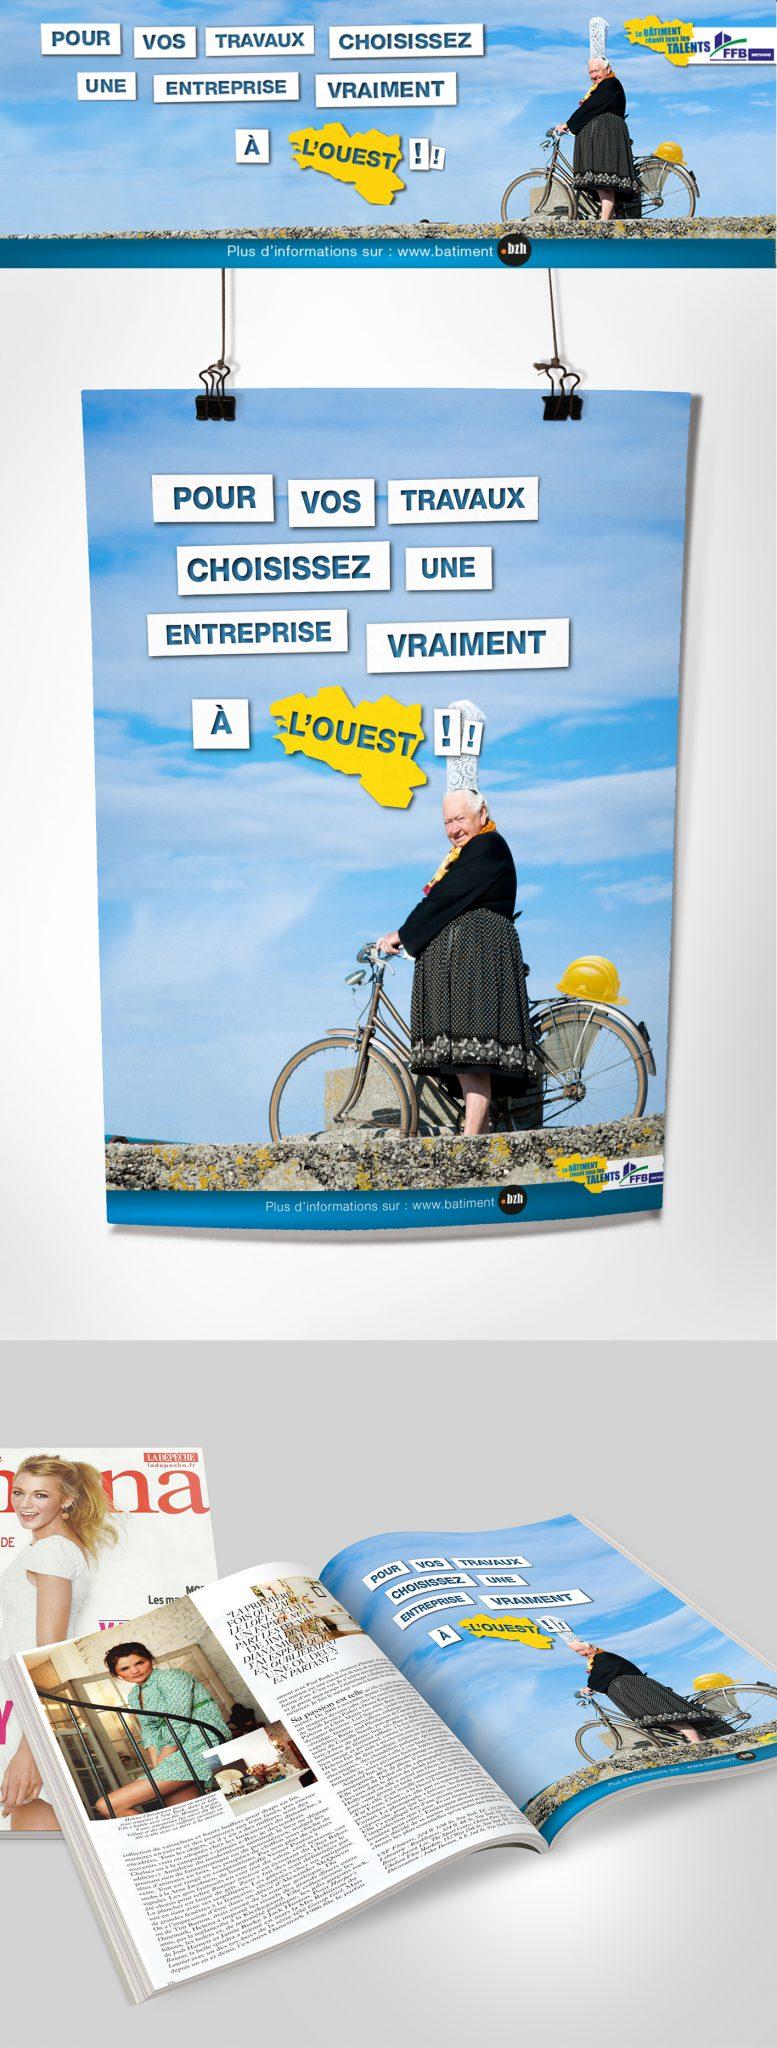 FFB-spot-publicitaire-campagne-communication-bretagne-lorient